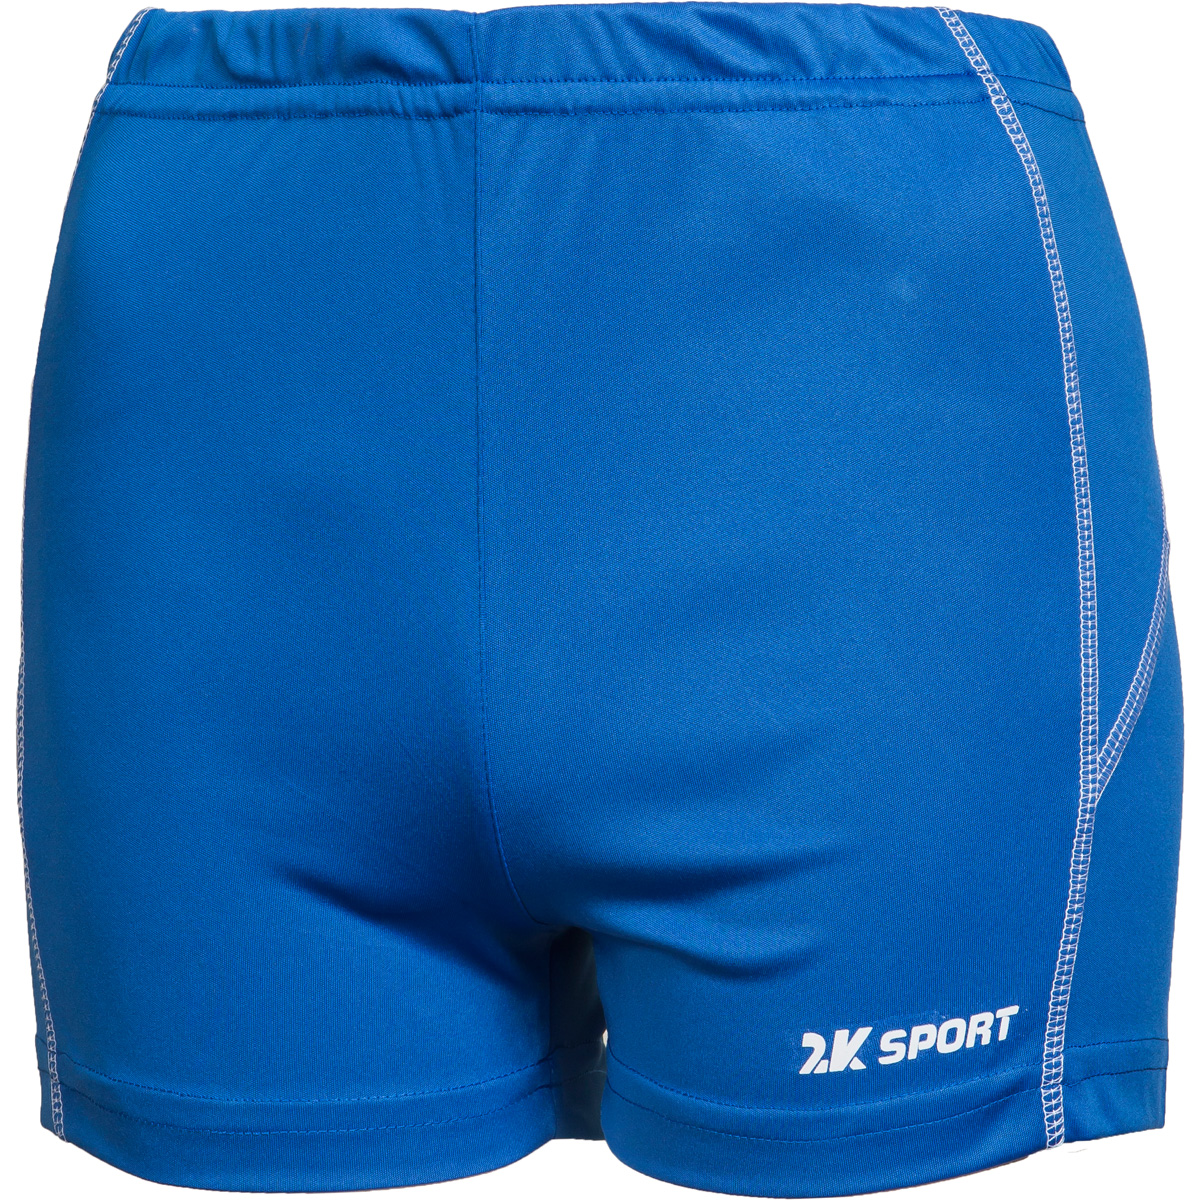 Шорты волейбольные женские 2K Sport Energy, цвет: синий. 140043. Размер S (42/44)140043_royalОблегающие женские волейбольные шорты с контрастными полосами по бокам. Эластичная ткань не стесняет в движениях, но при этом обладает высокой износостойкостью и отлично сохраняет форму.